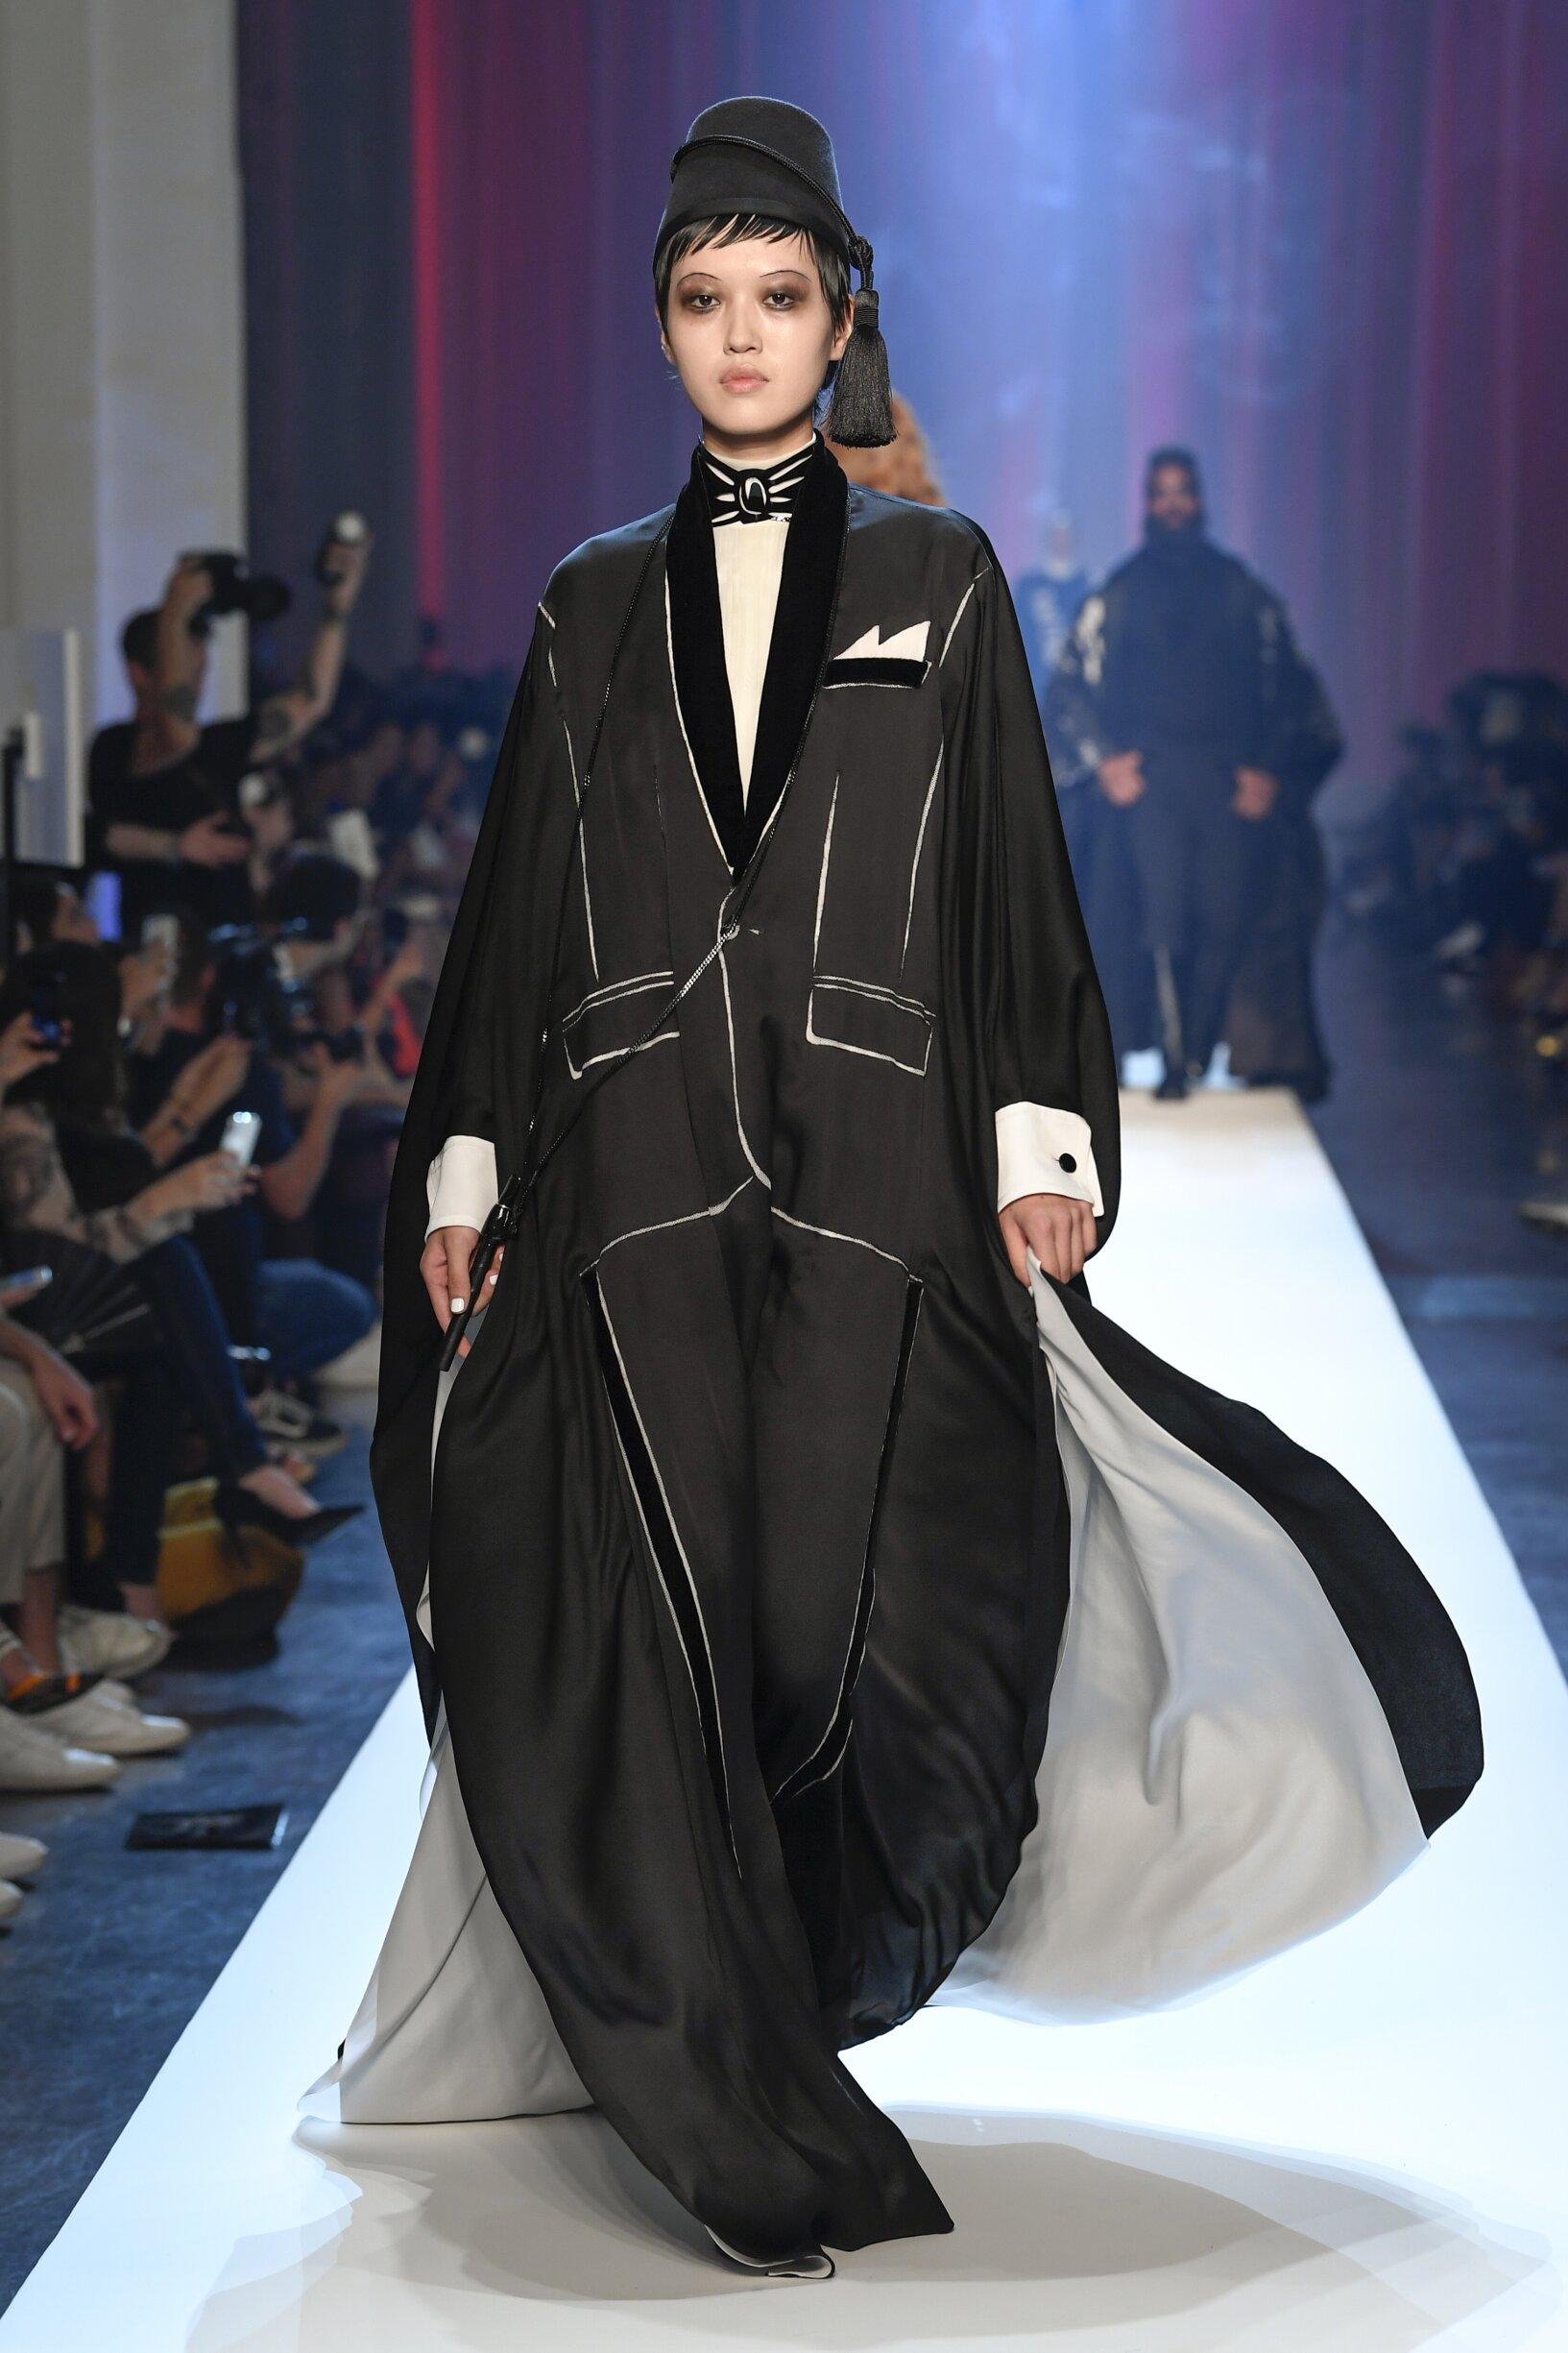 Womenswear Fall Winter Jean-Paul Gaultier Haute Couture 2018 Trends